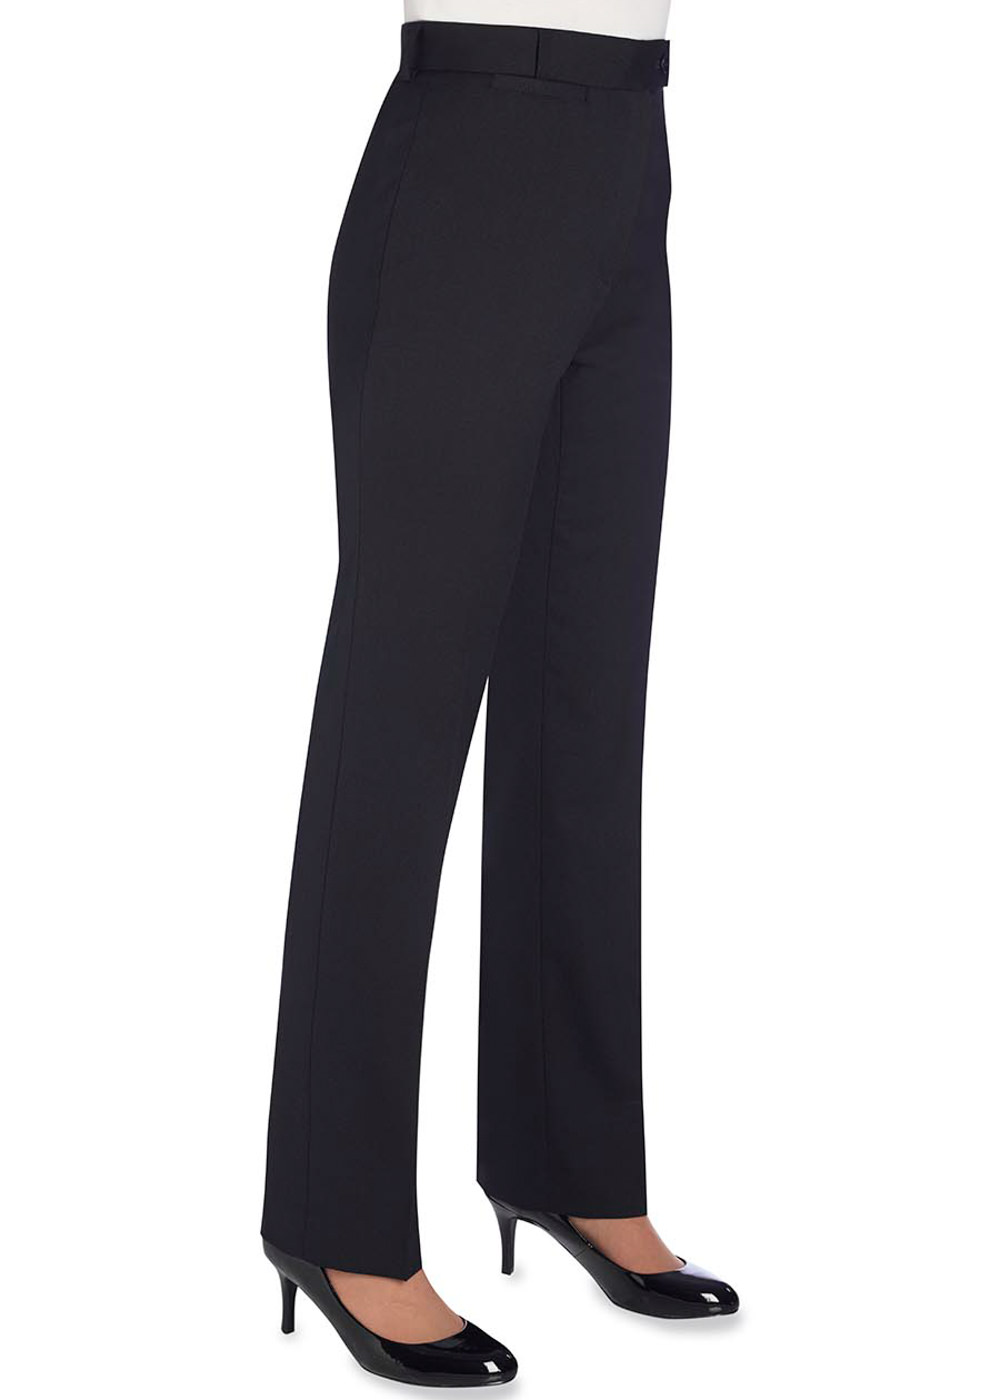 Grosvenor Straight Leg Trouser